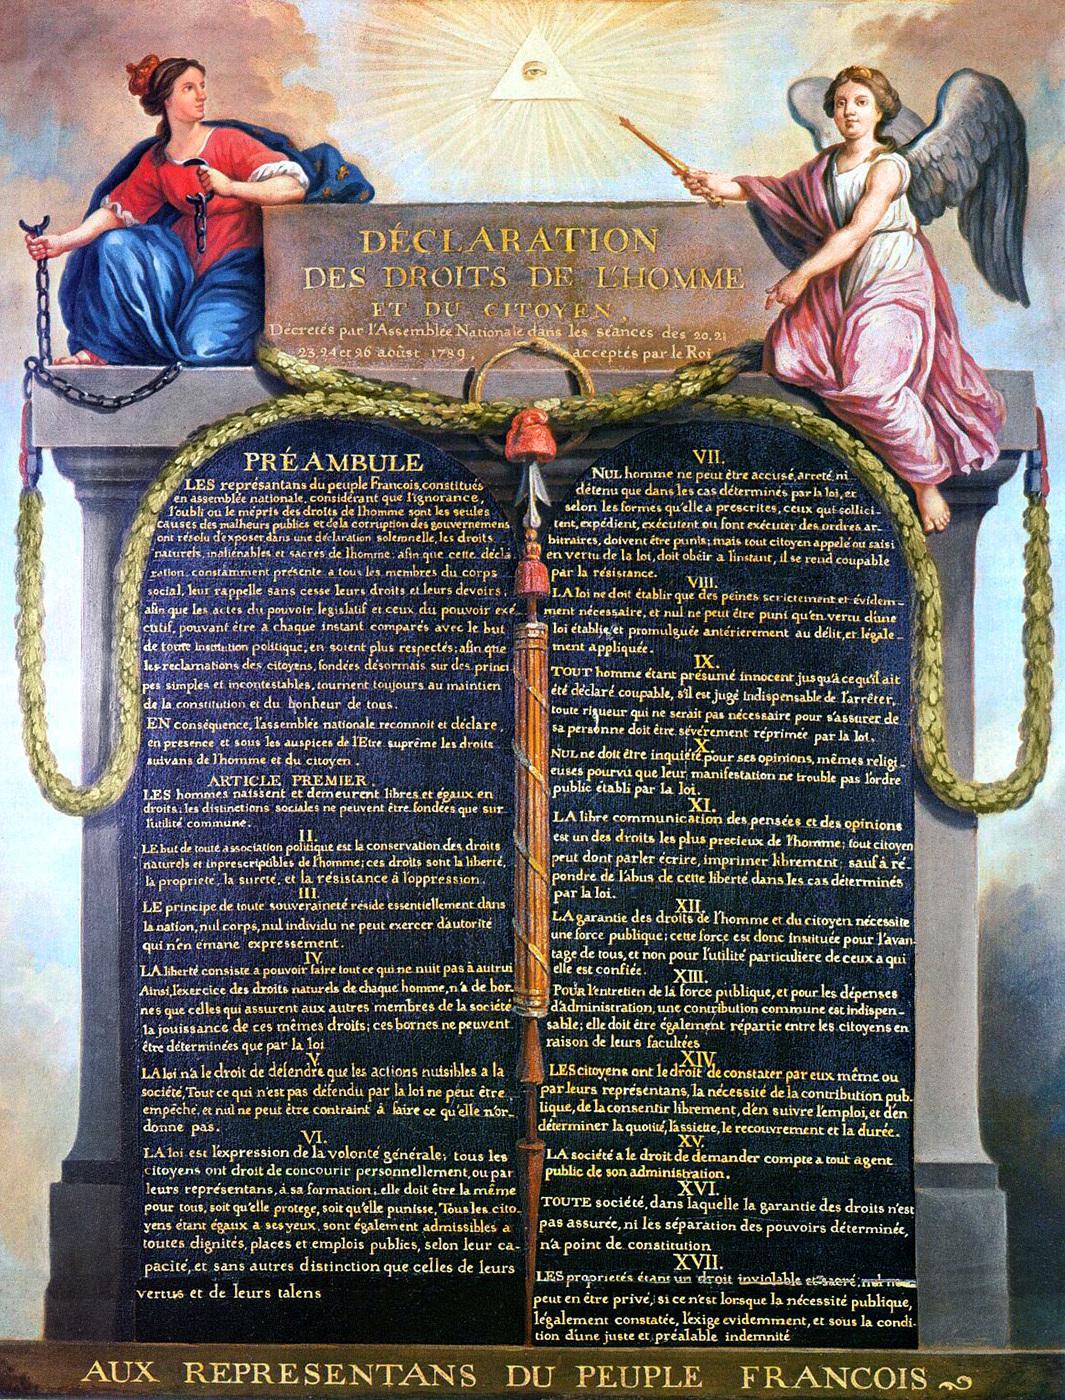 İnsan ve Yurttaş Hakları Bildirgesi